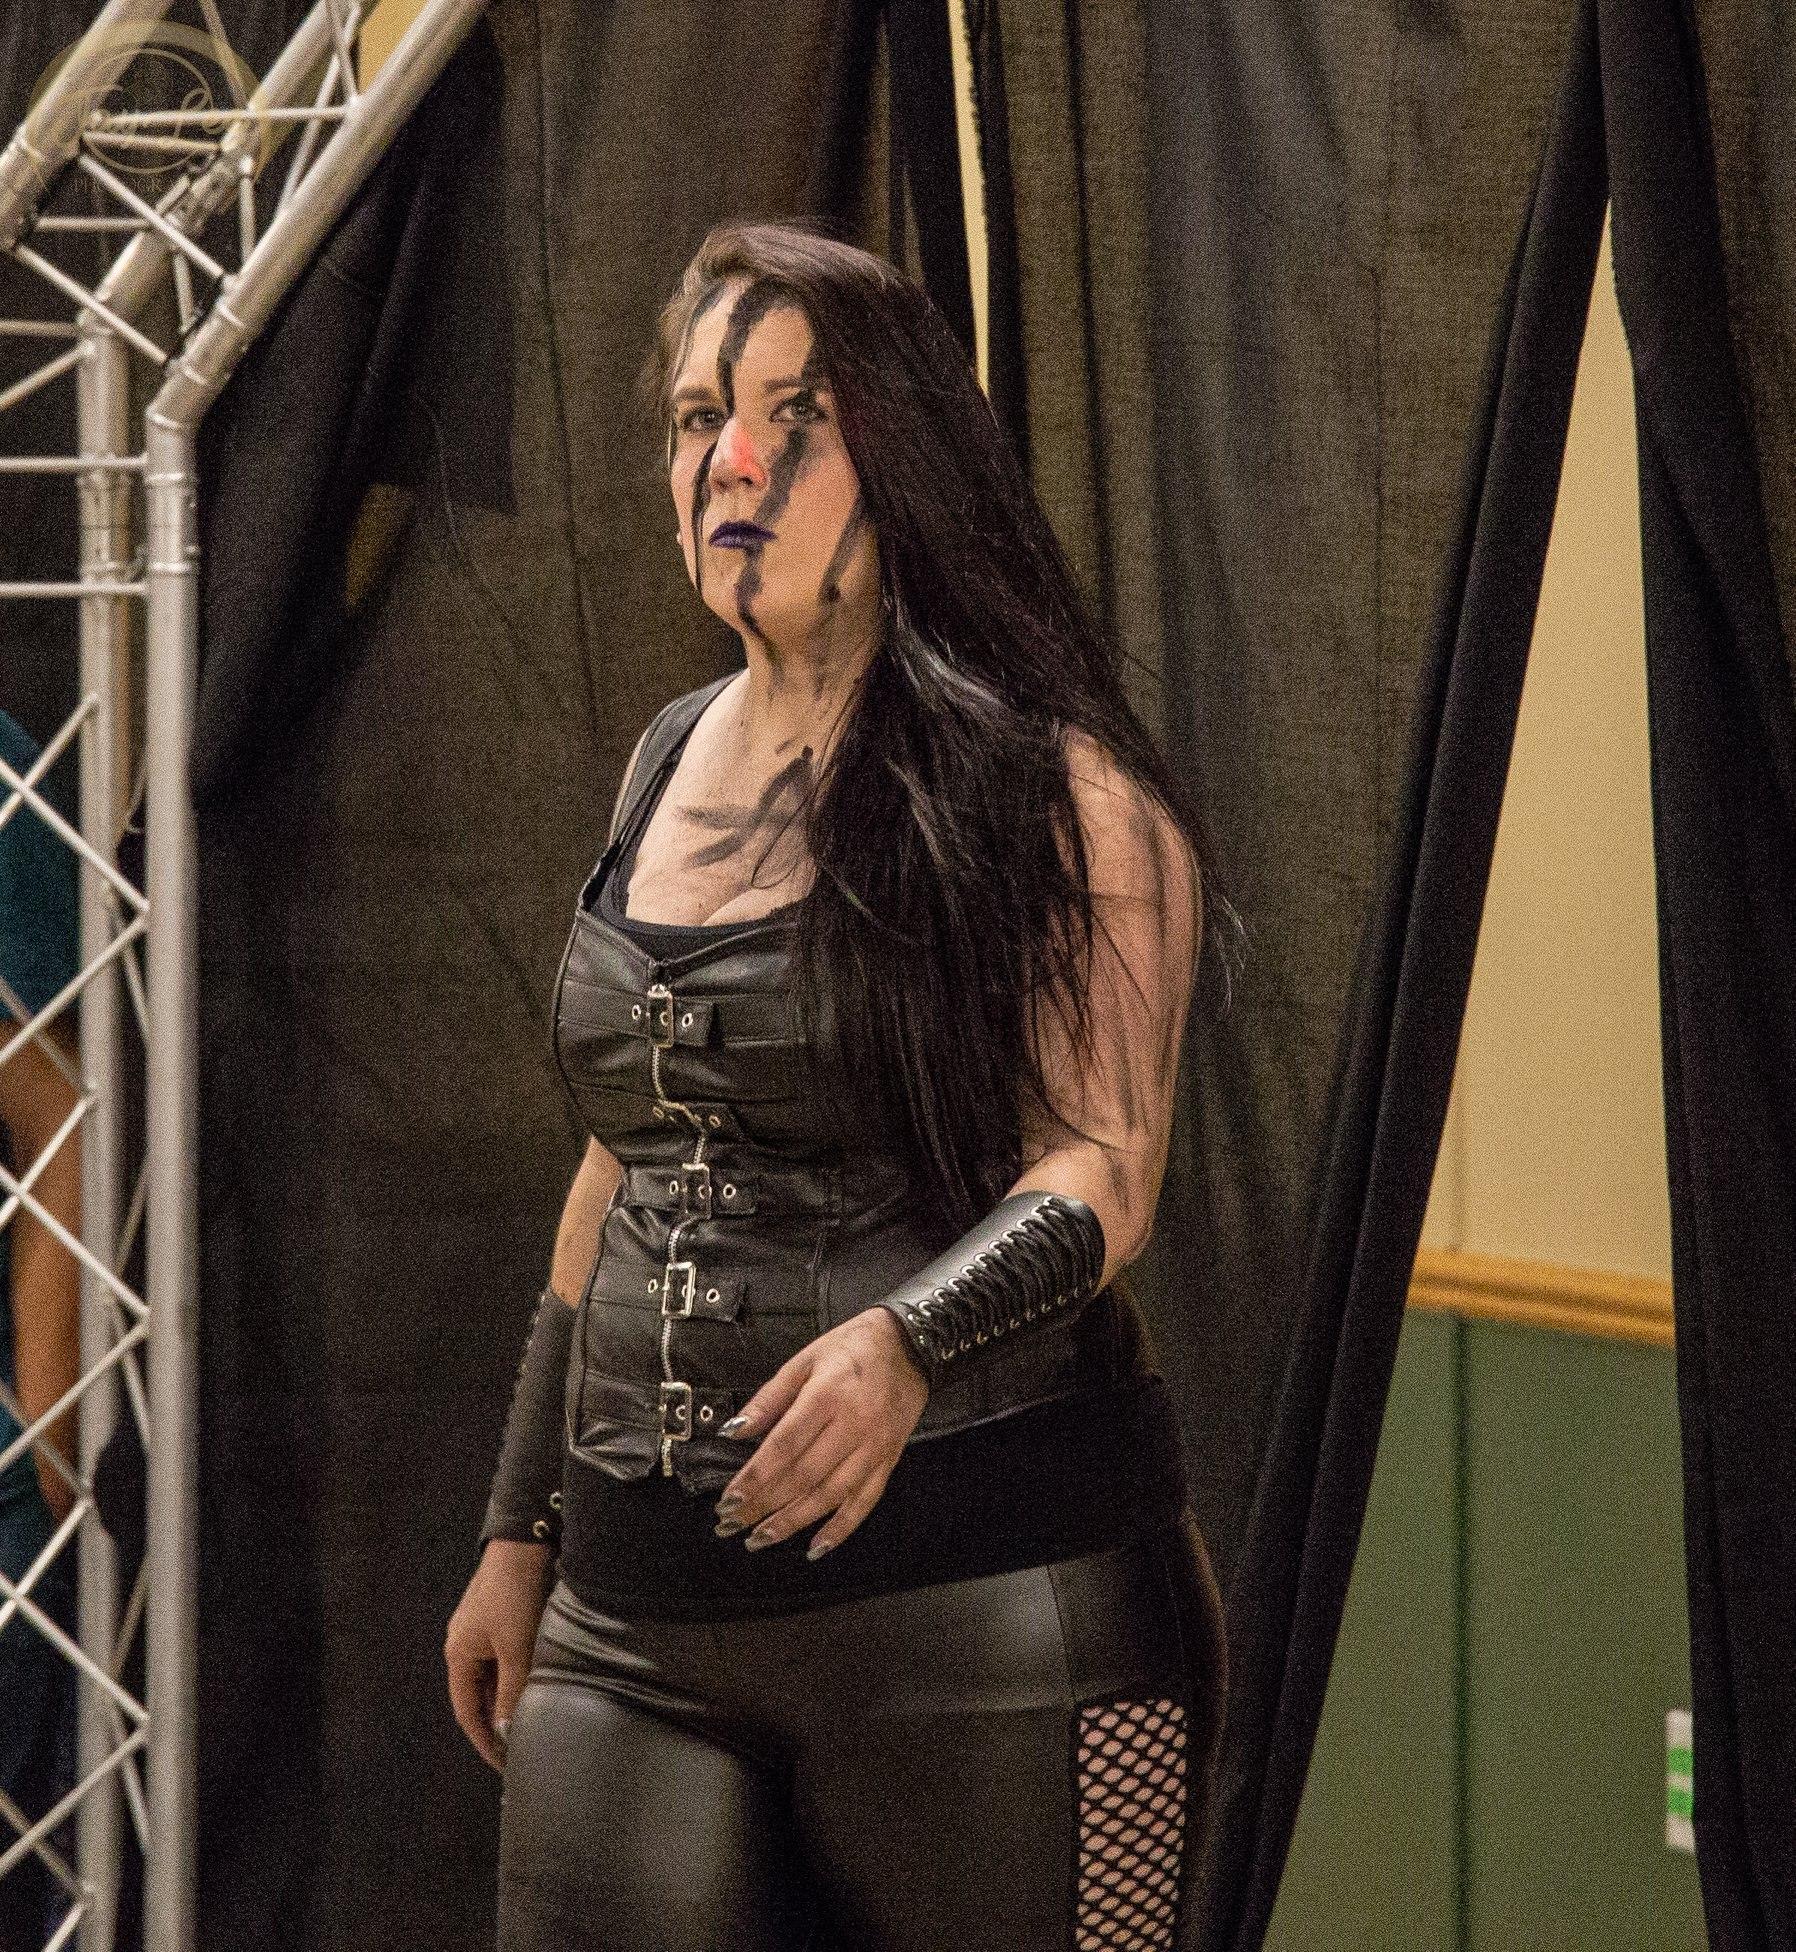 Riley Shepard: Gladiator of the Geeks